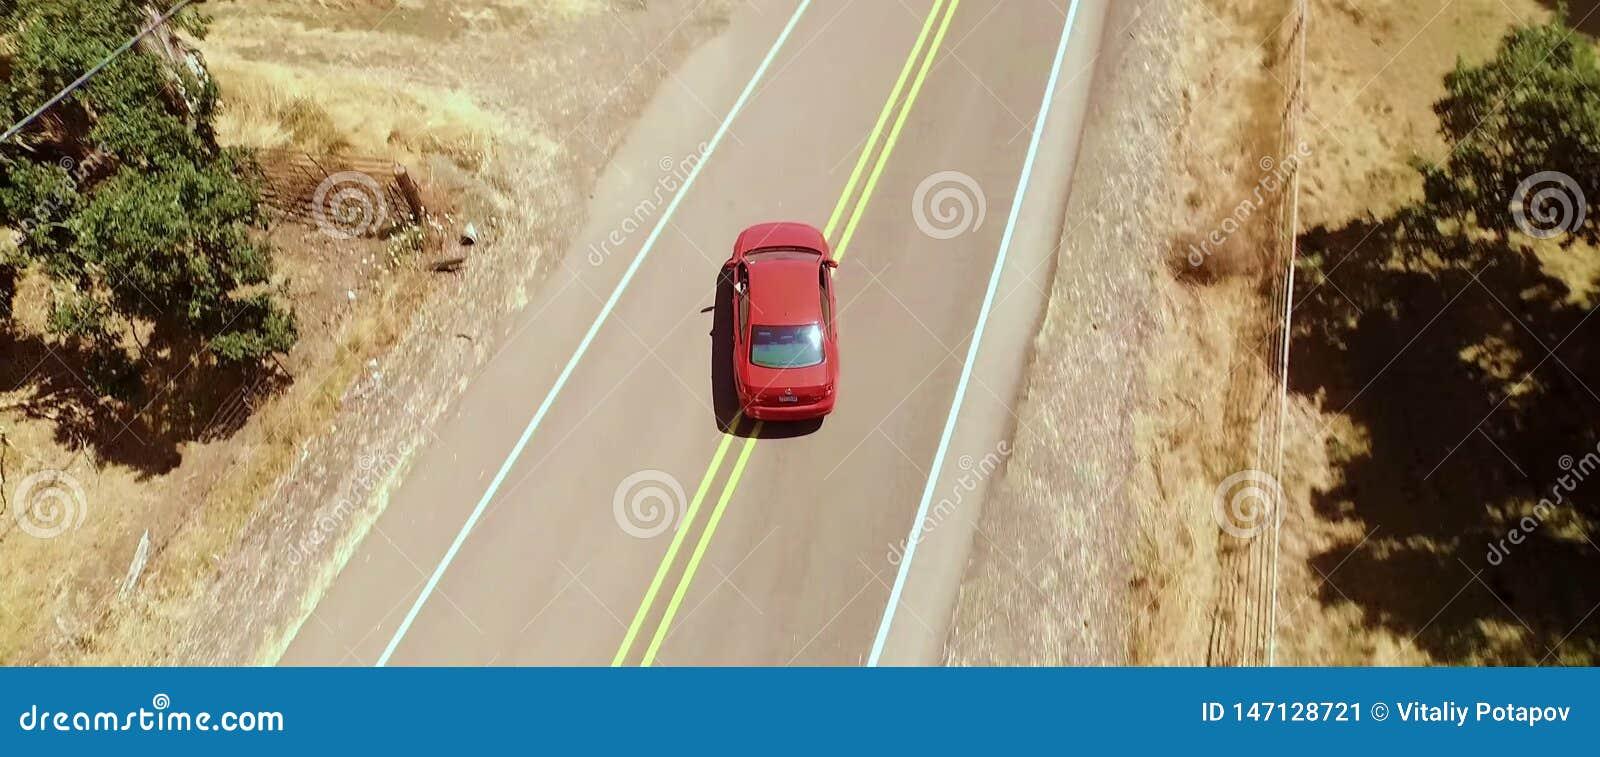 Vogelperspektive, rotes Auto stellt die Straße ab